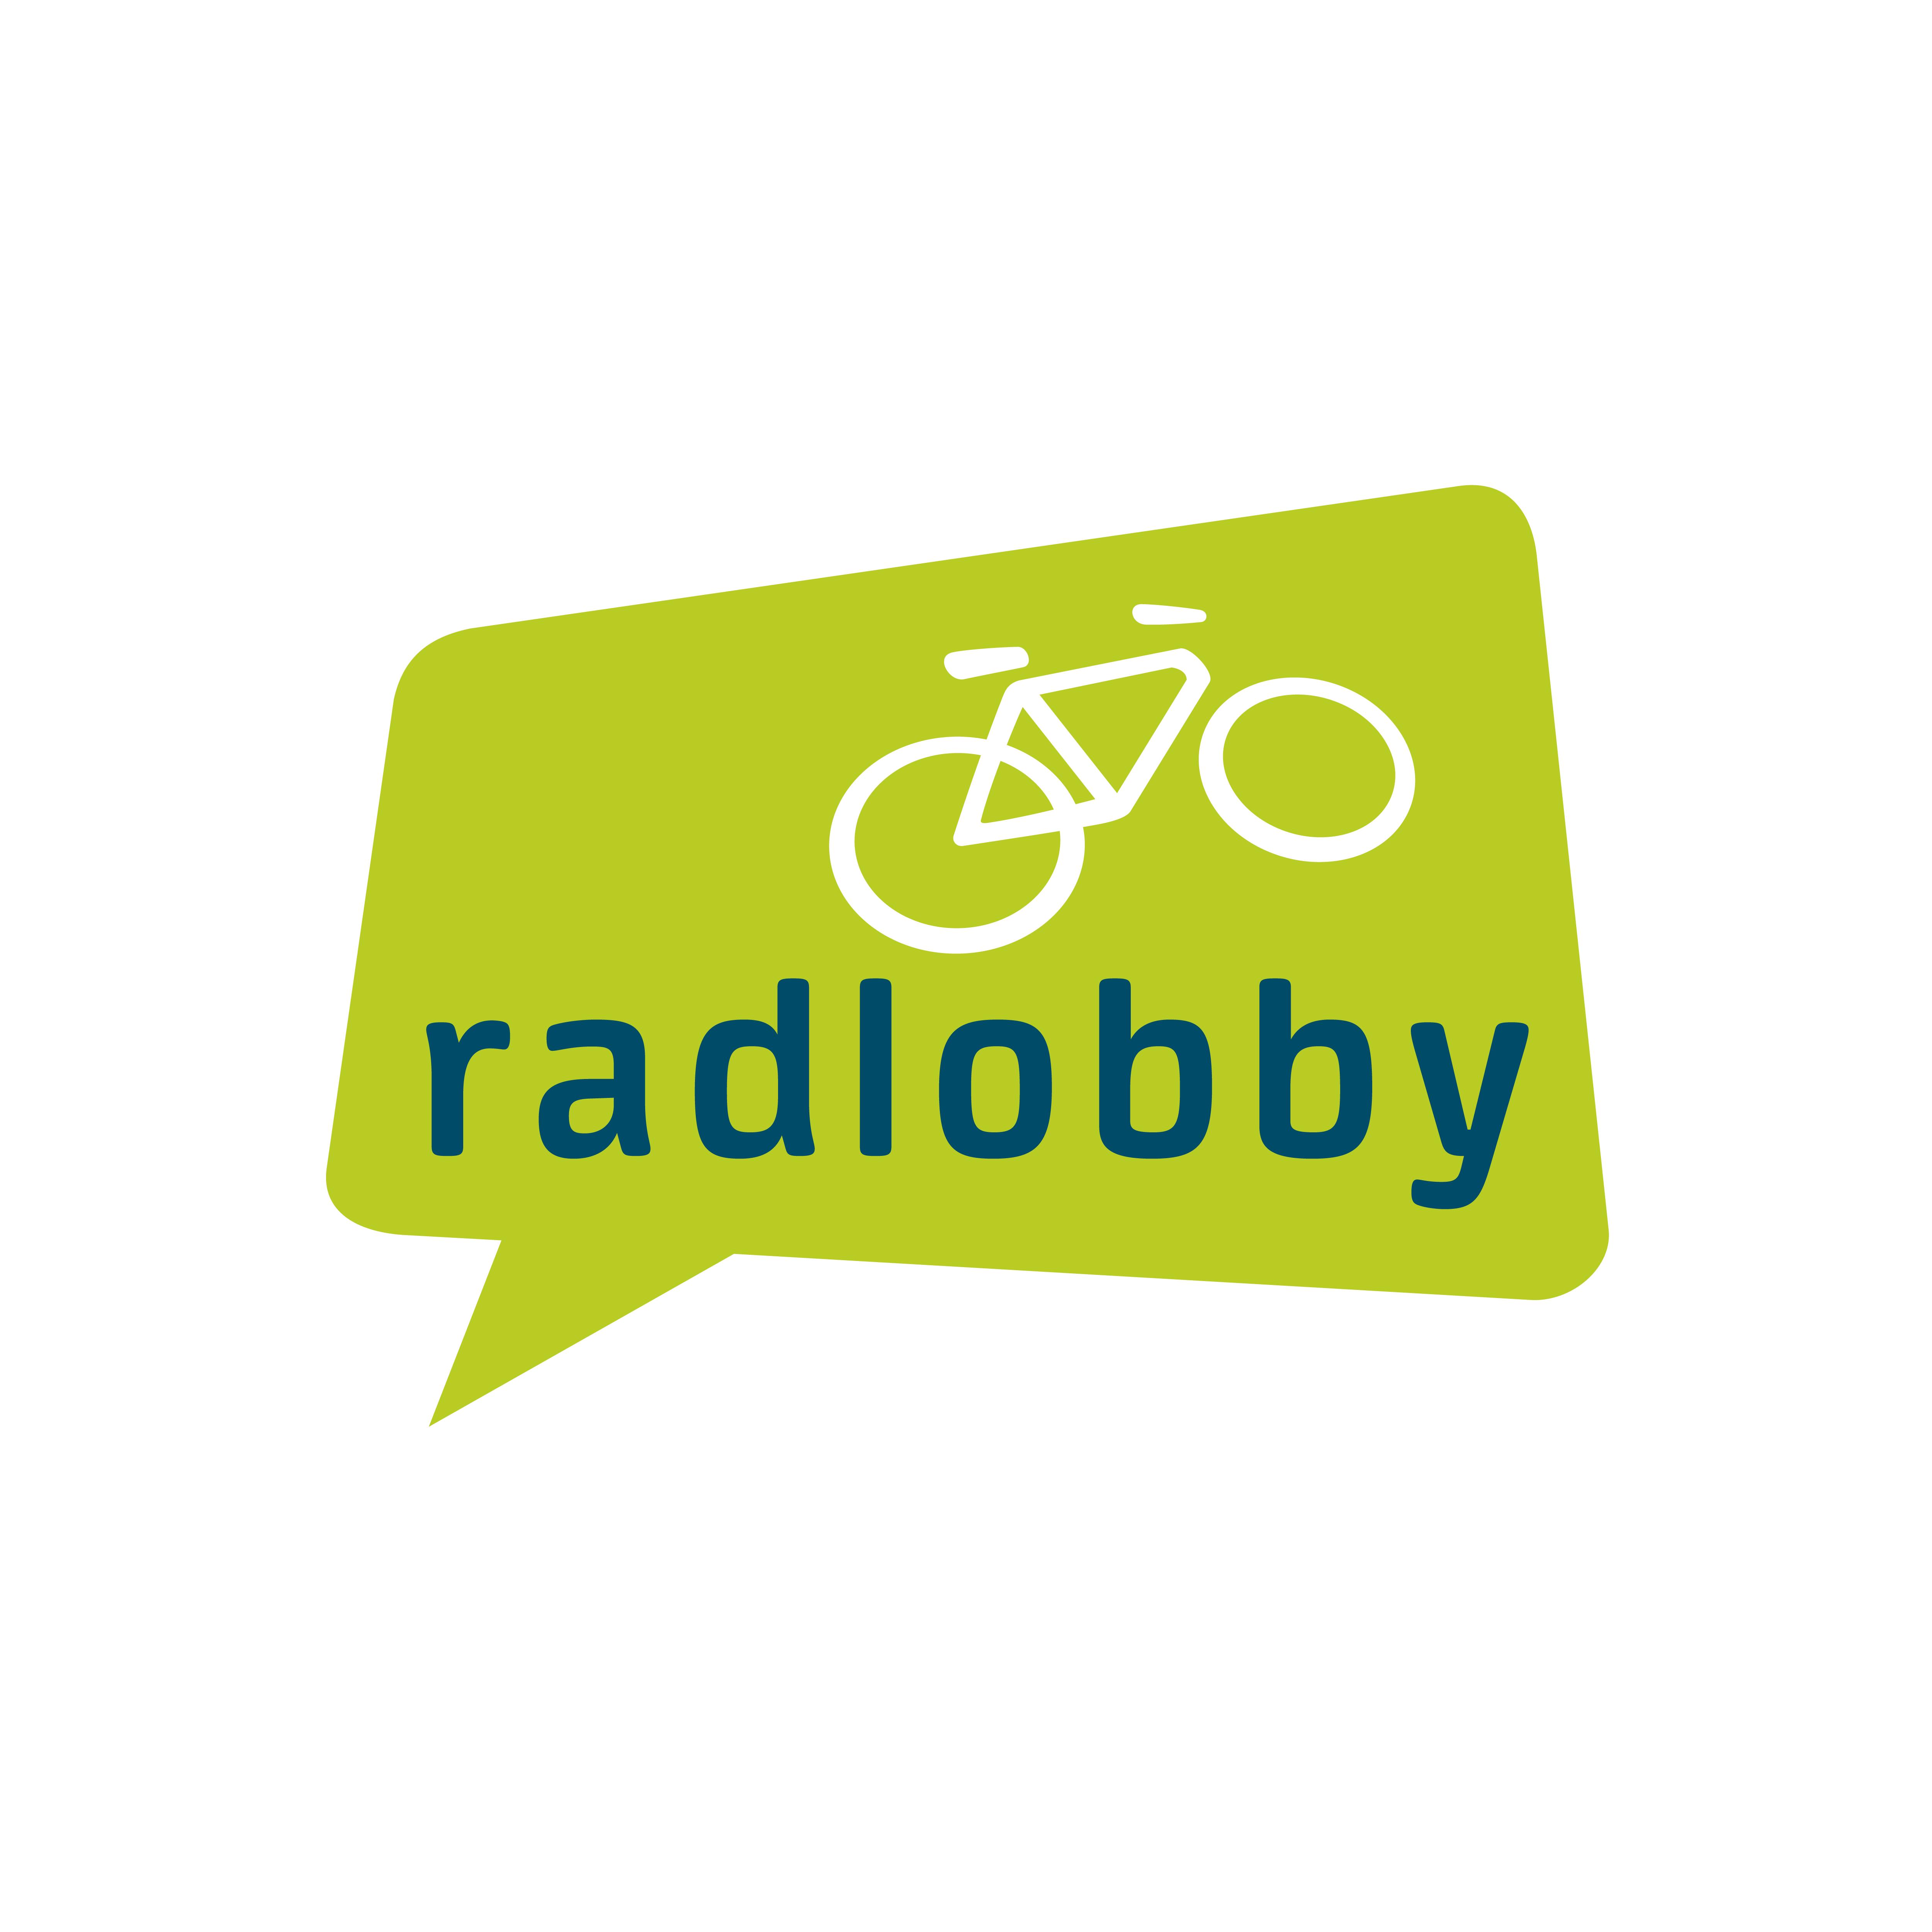 FahrSicherRad: Die Radfahrschule | Radlobby